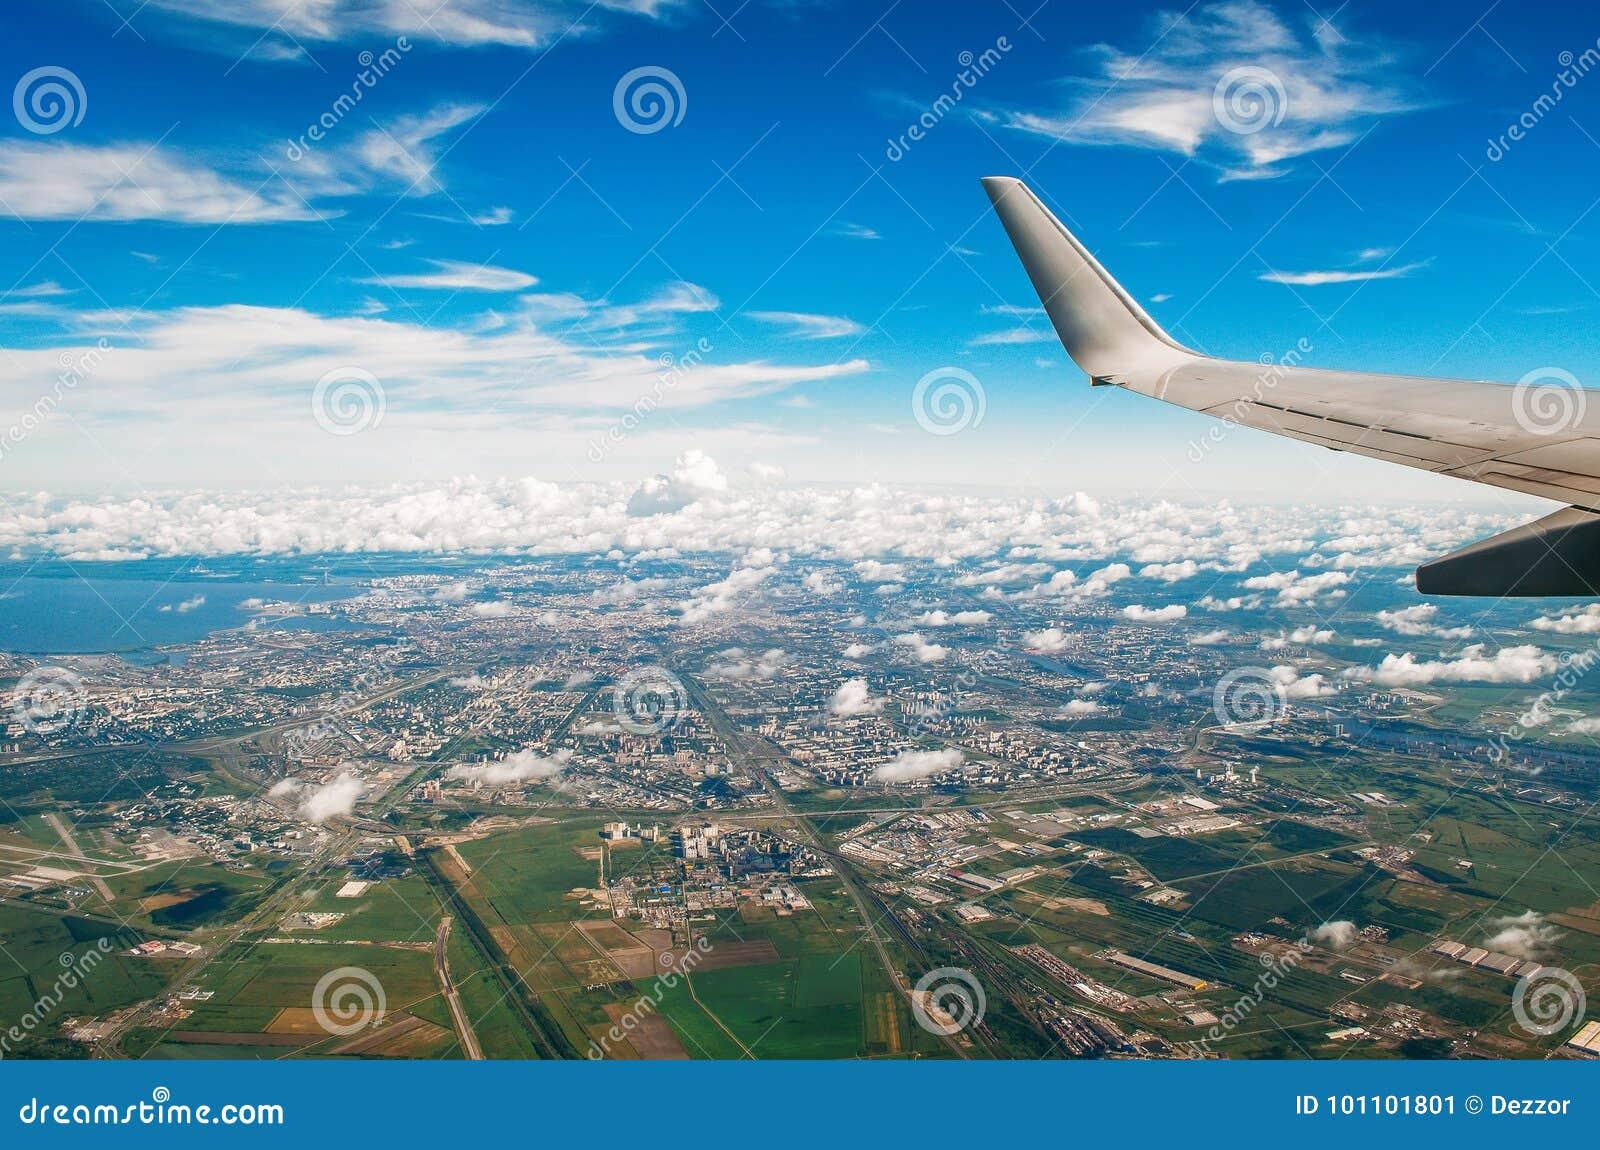 Взгляд крыла самолета в иллюминаторе на городе и авиапорте с живописными облаками